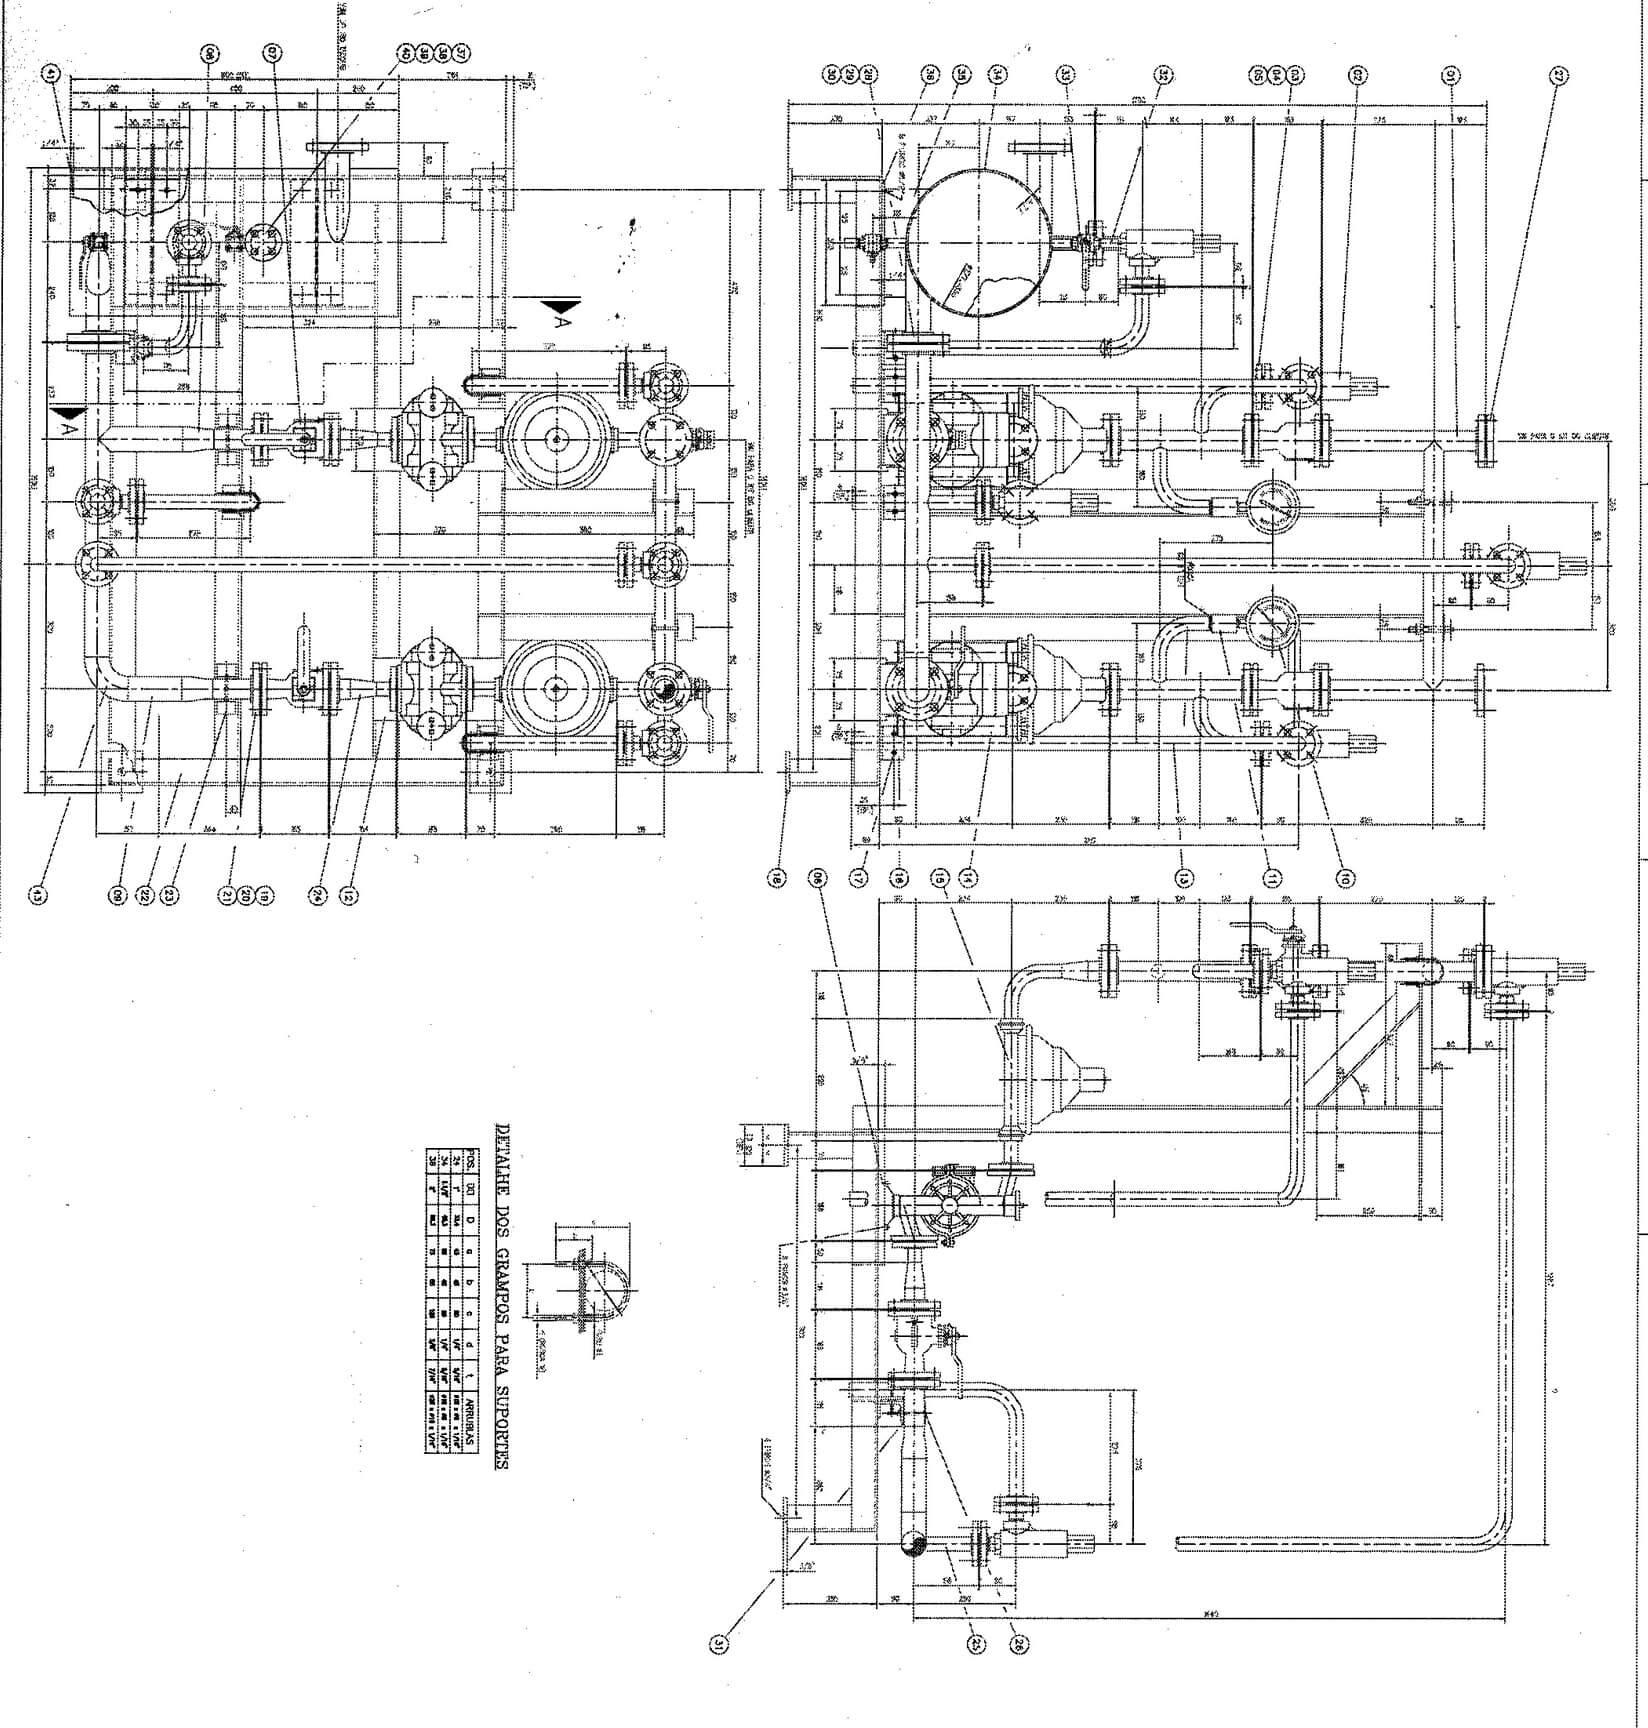 Drawings for Hydrogen Peroxide Cyanide Destruction System